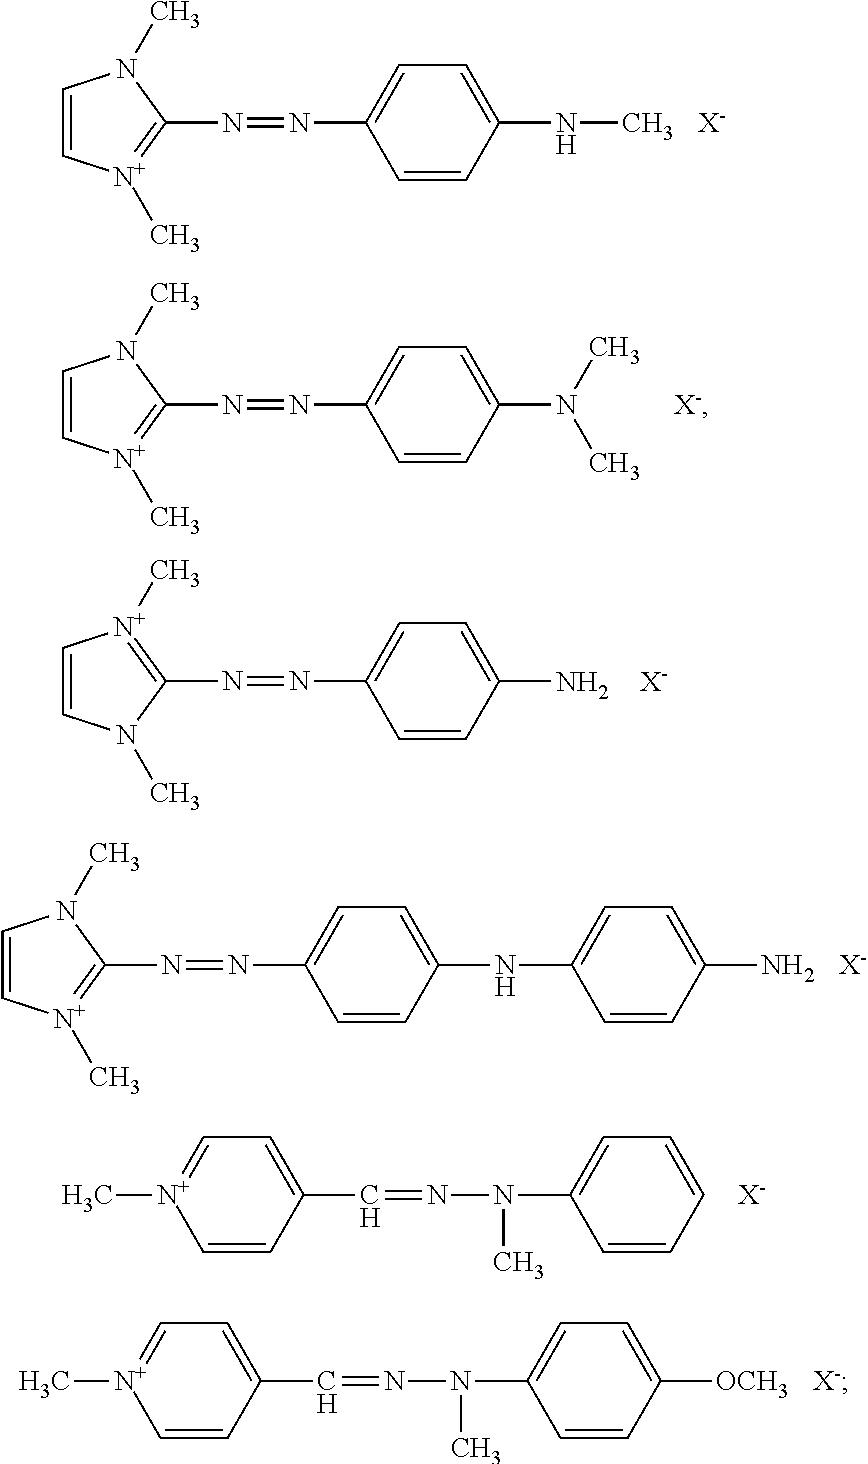 Figure US20110232667A1-20110929-C00005